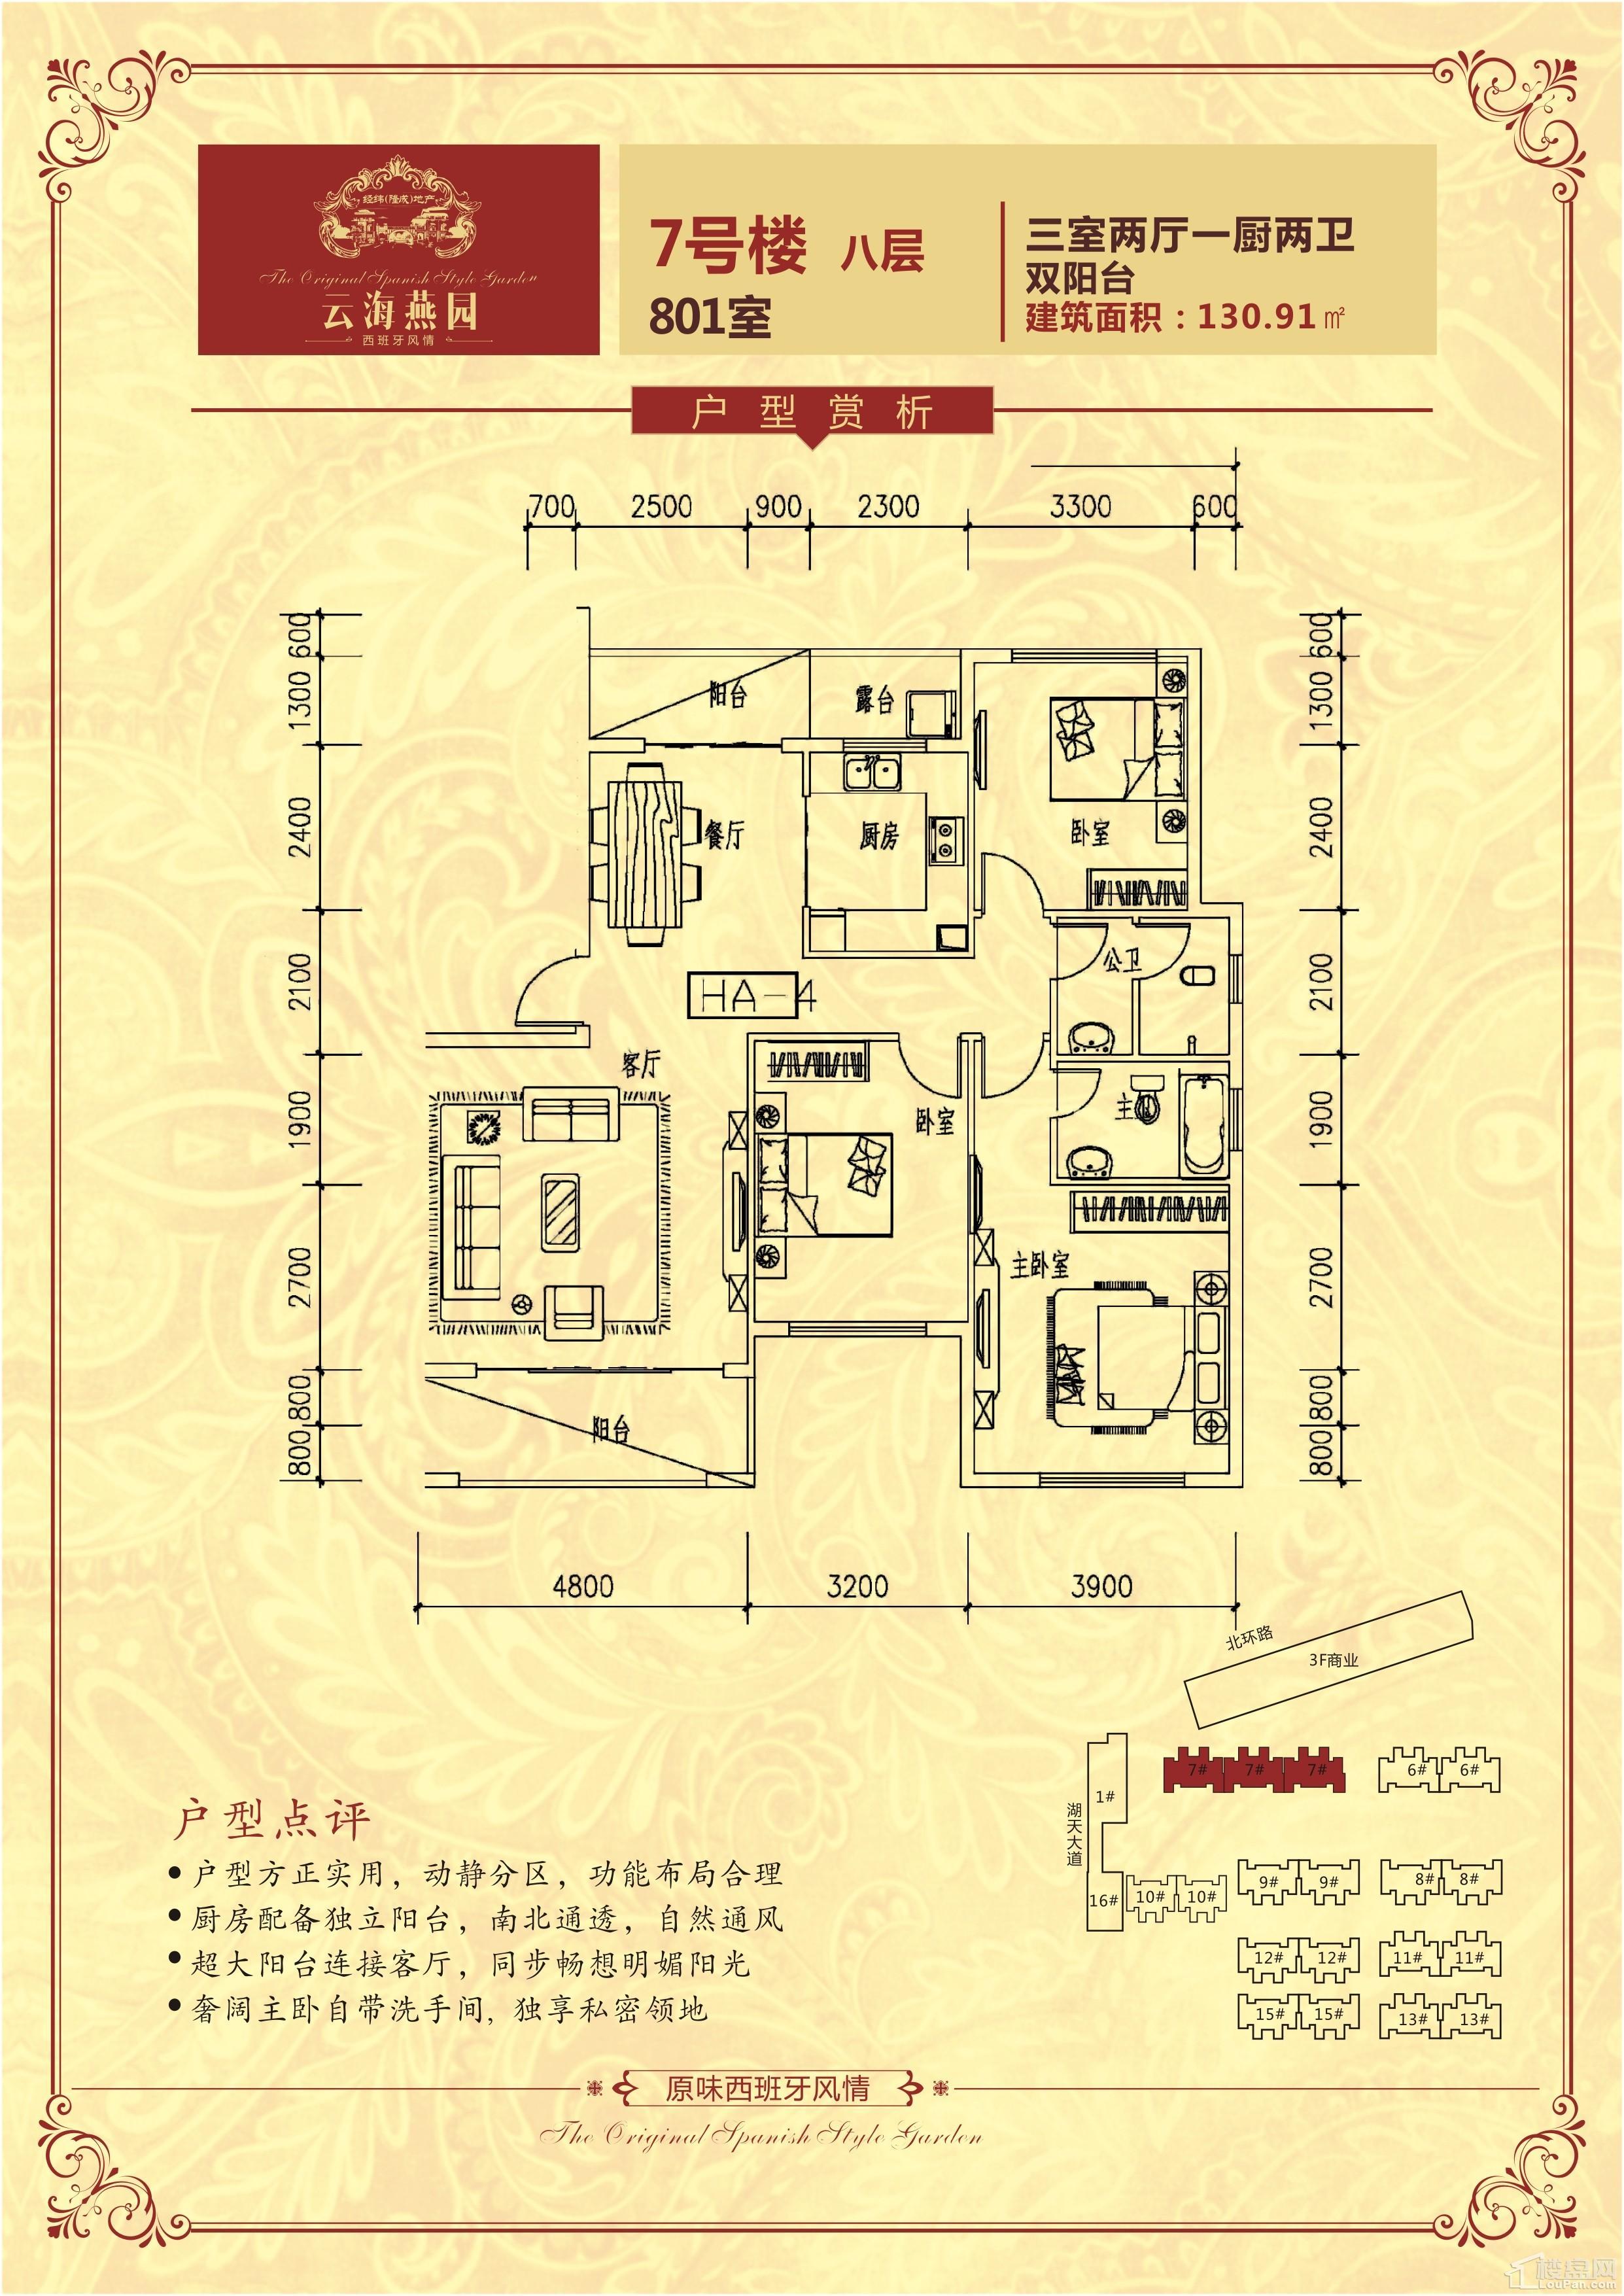 户型(7号楼)八层